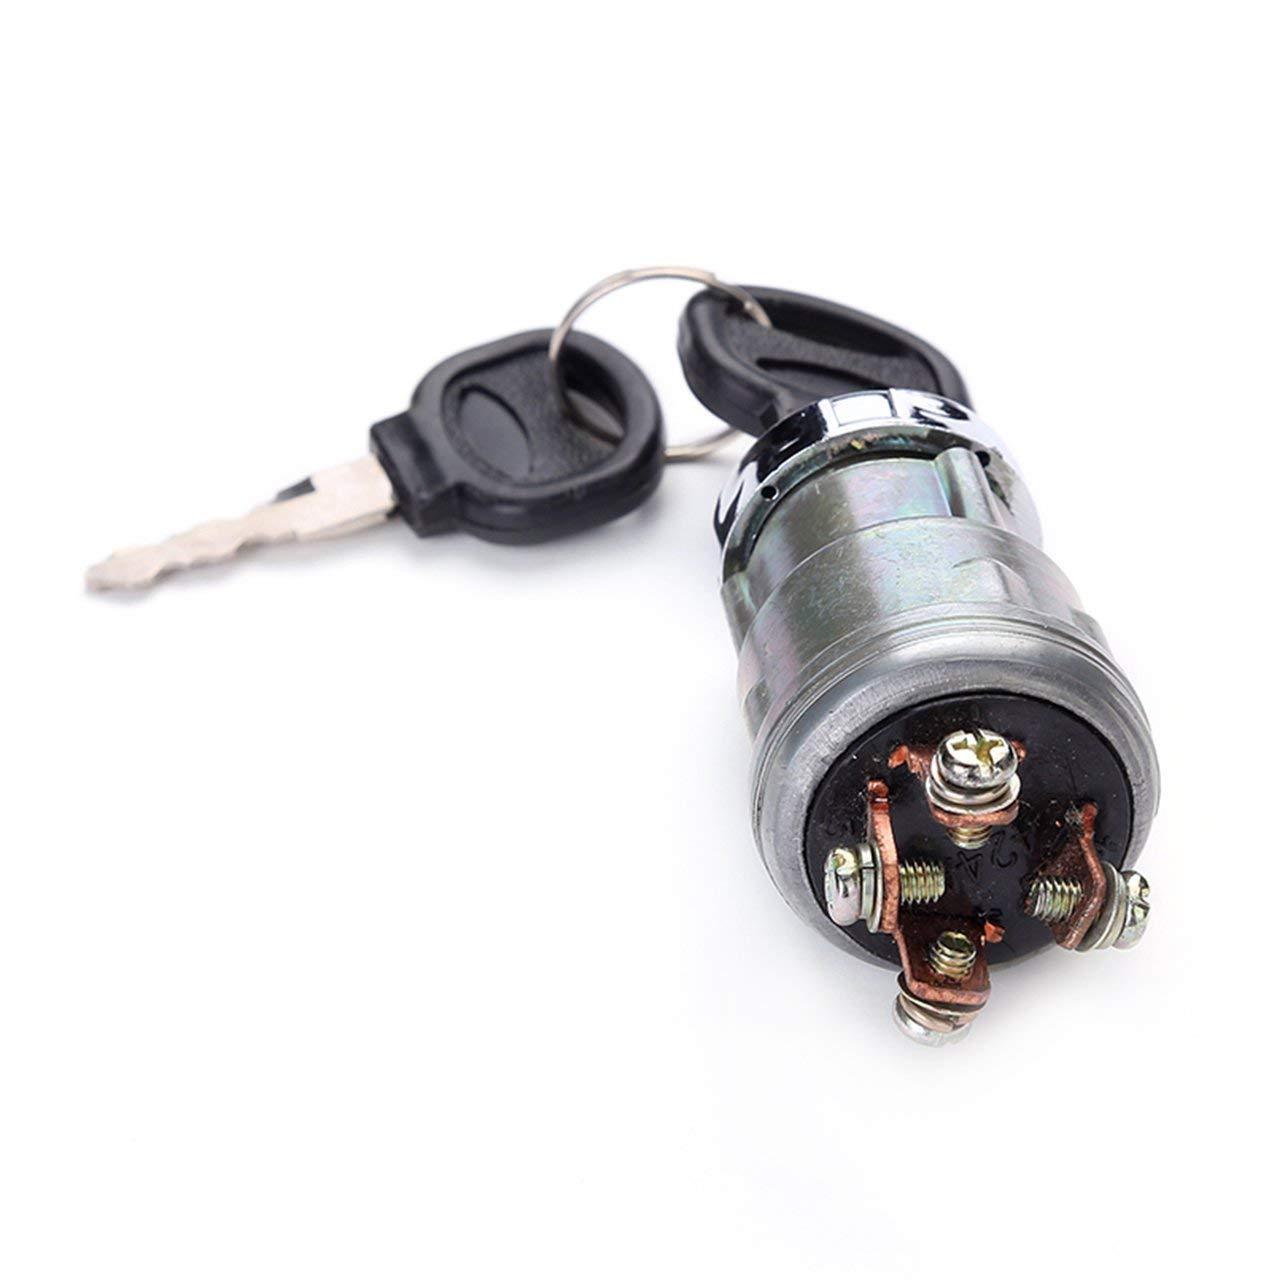 WOSOSYEYO Coche Universal Barco 12V 4 Posici/ón de Encendido del Interruptor de Arranque con 2 Llaves para Suministros Motor de Gasolina m/áquinas cosechadoras agr/ícolas